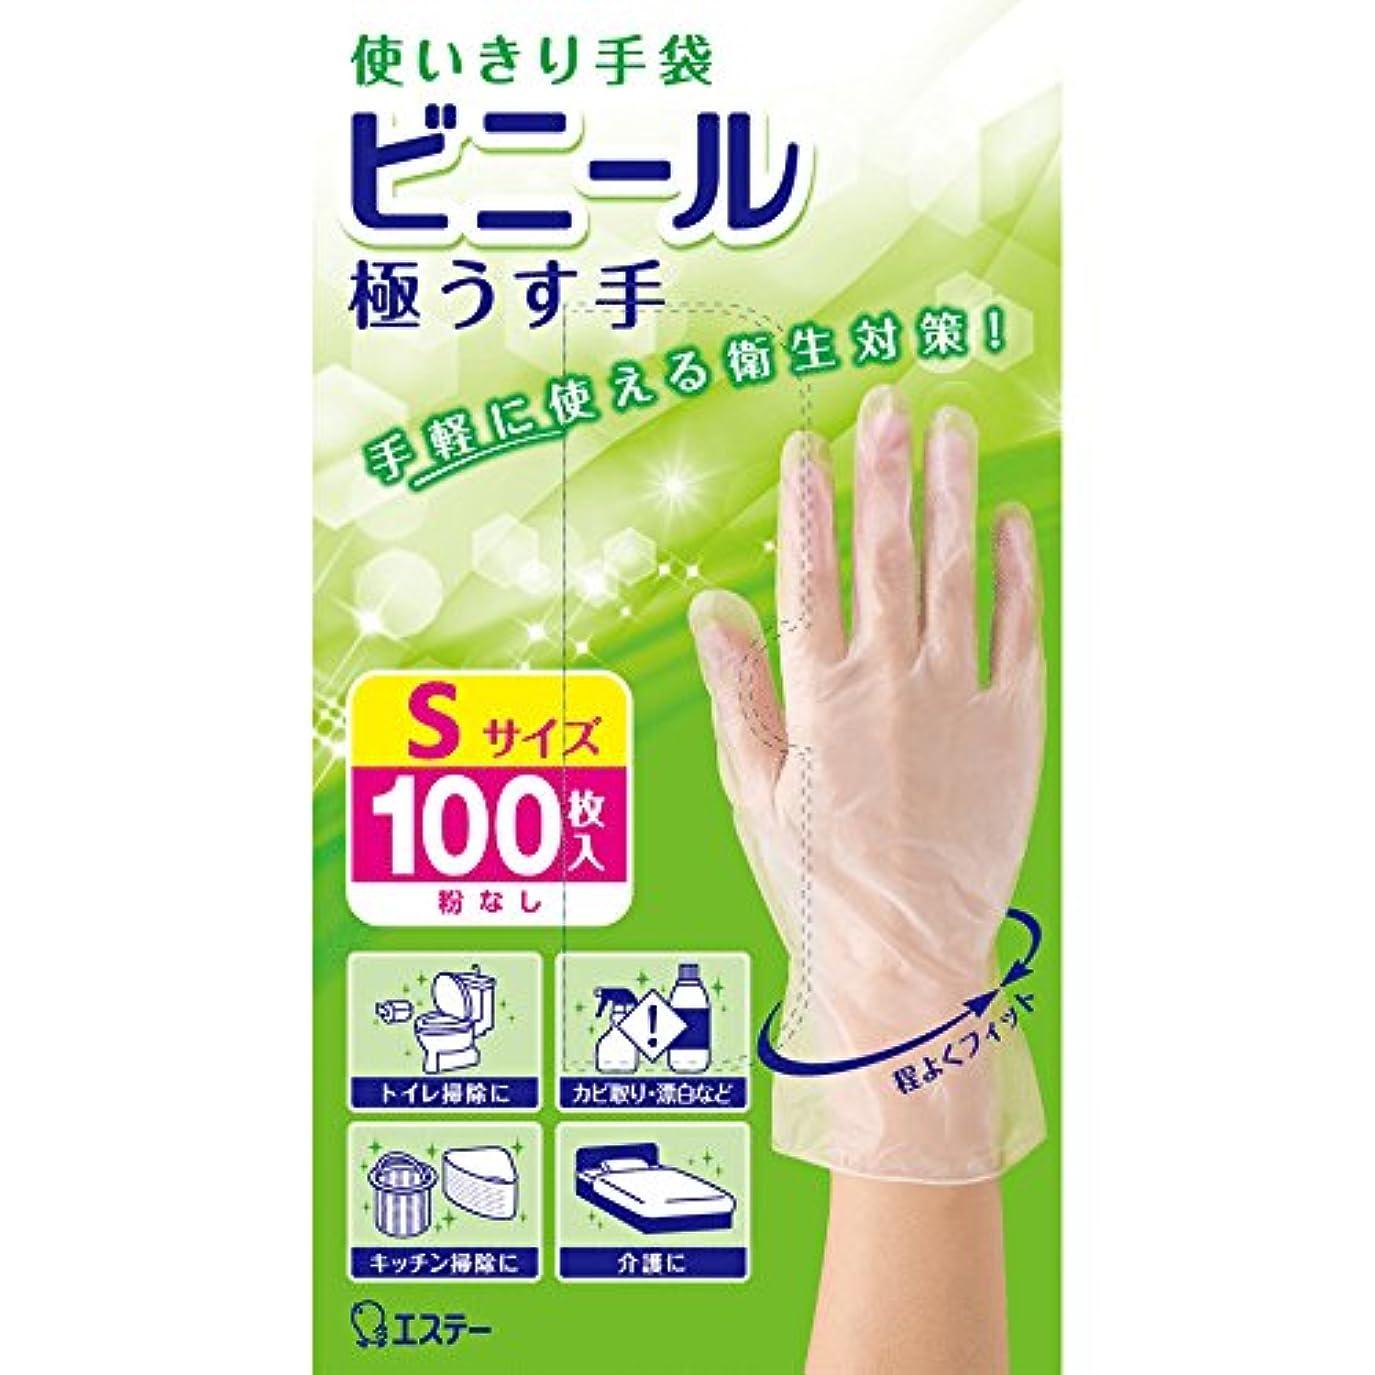 軽蔑する嵐が丘療法使いきり手袋 ビニール 極うす手 炊事?掃除用 Sサイズ 半透明 100枚